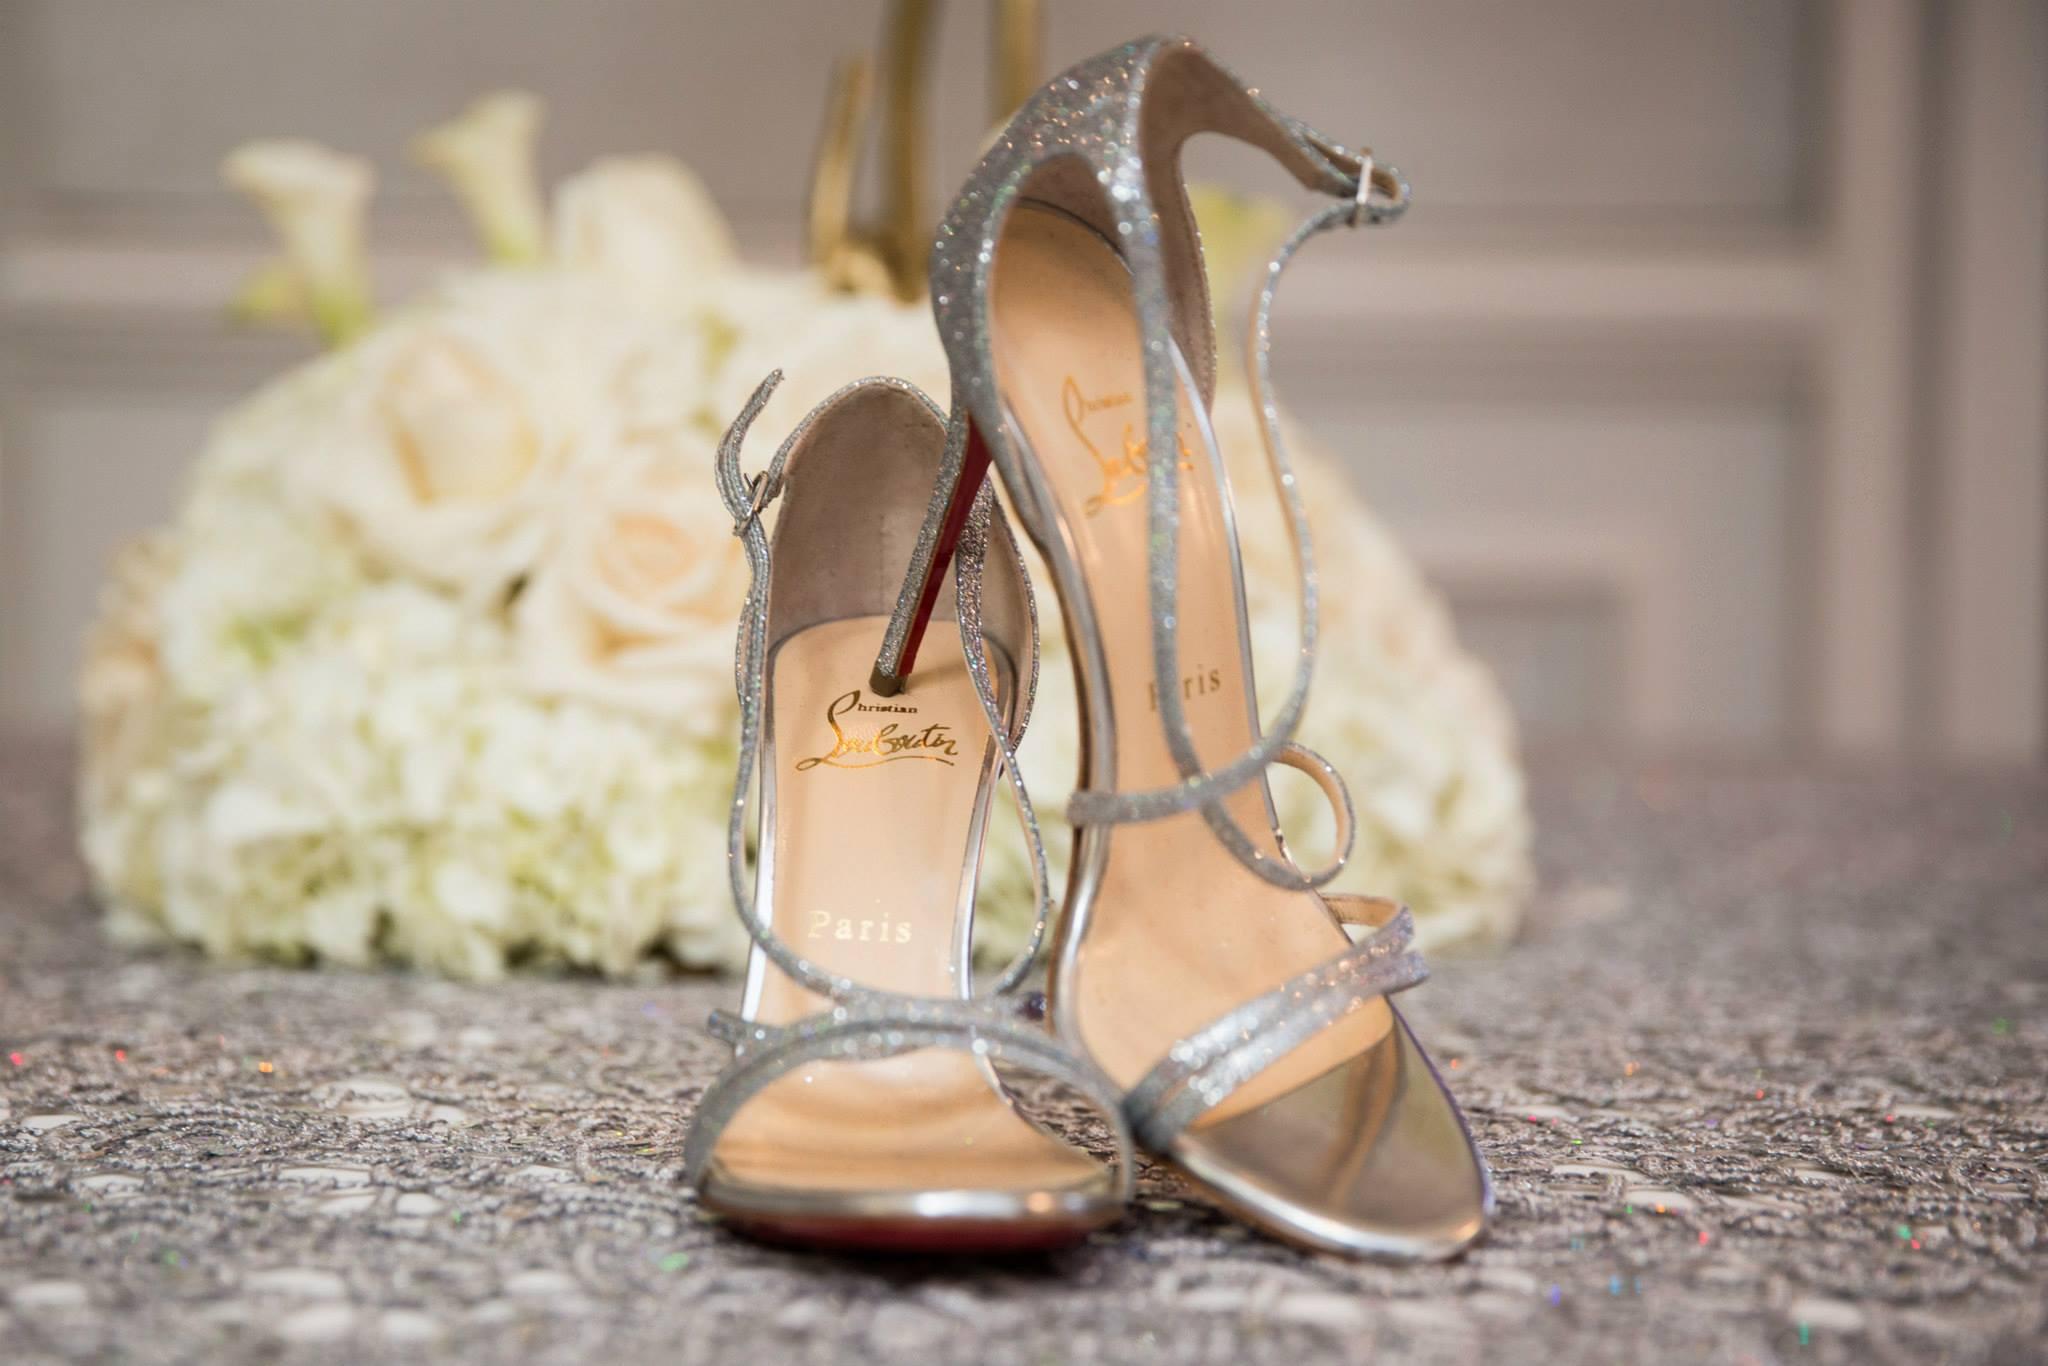 christian-louboutin-paris-bridal-shoes-glitter-sparkle-strap-heels